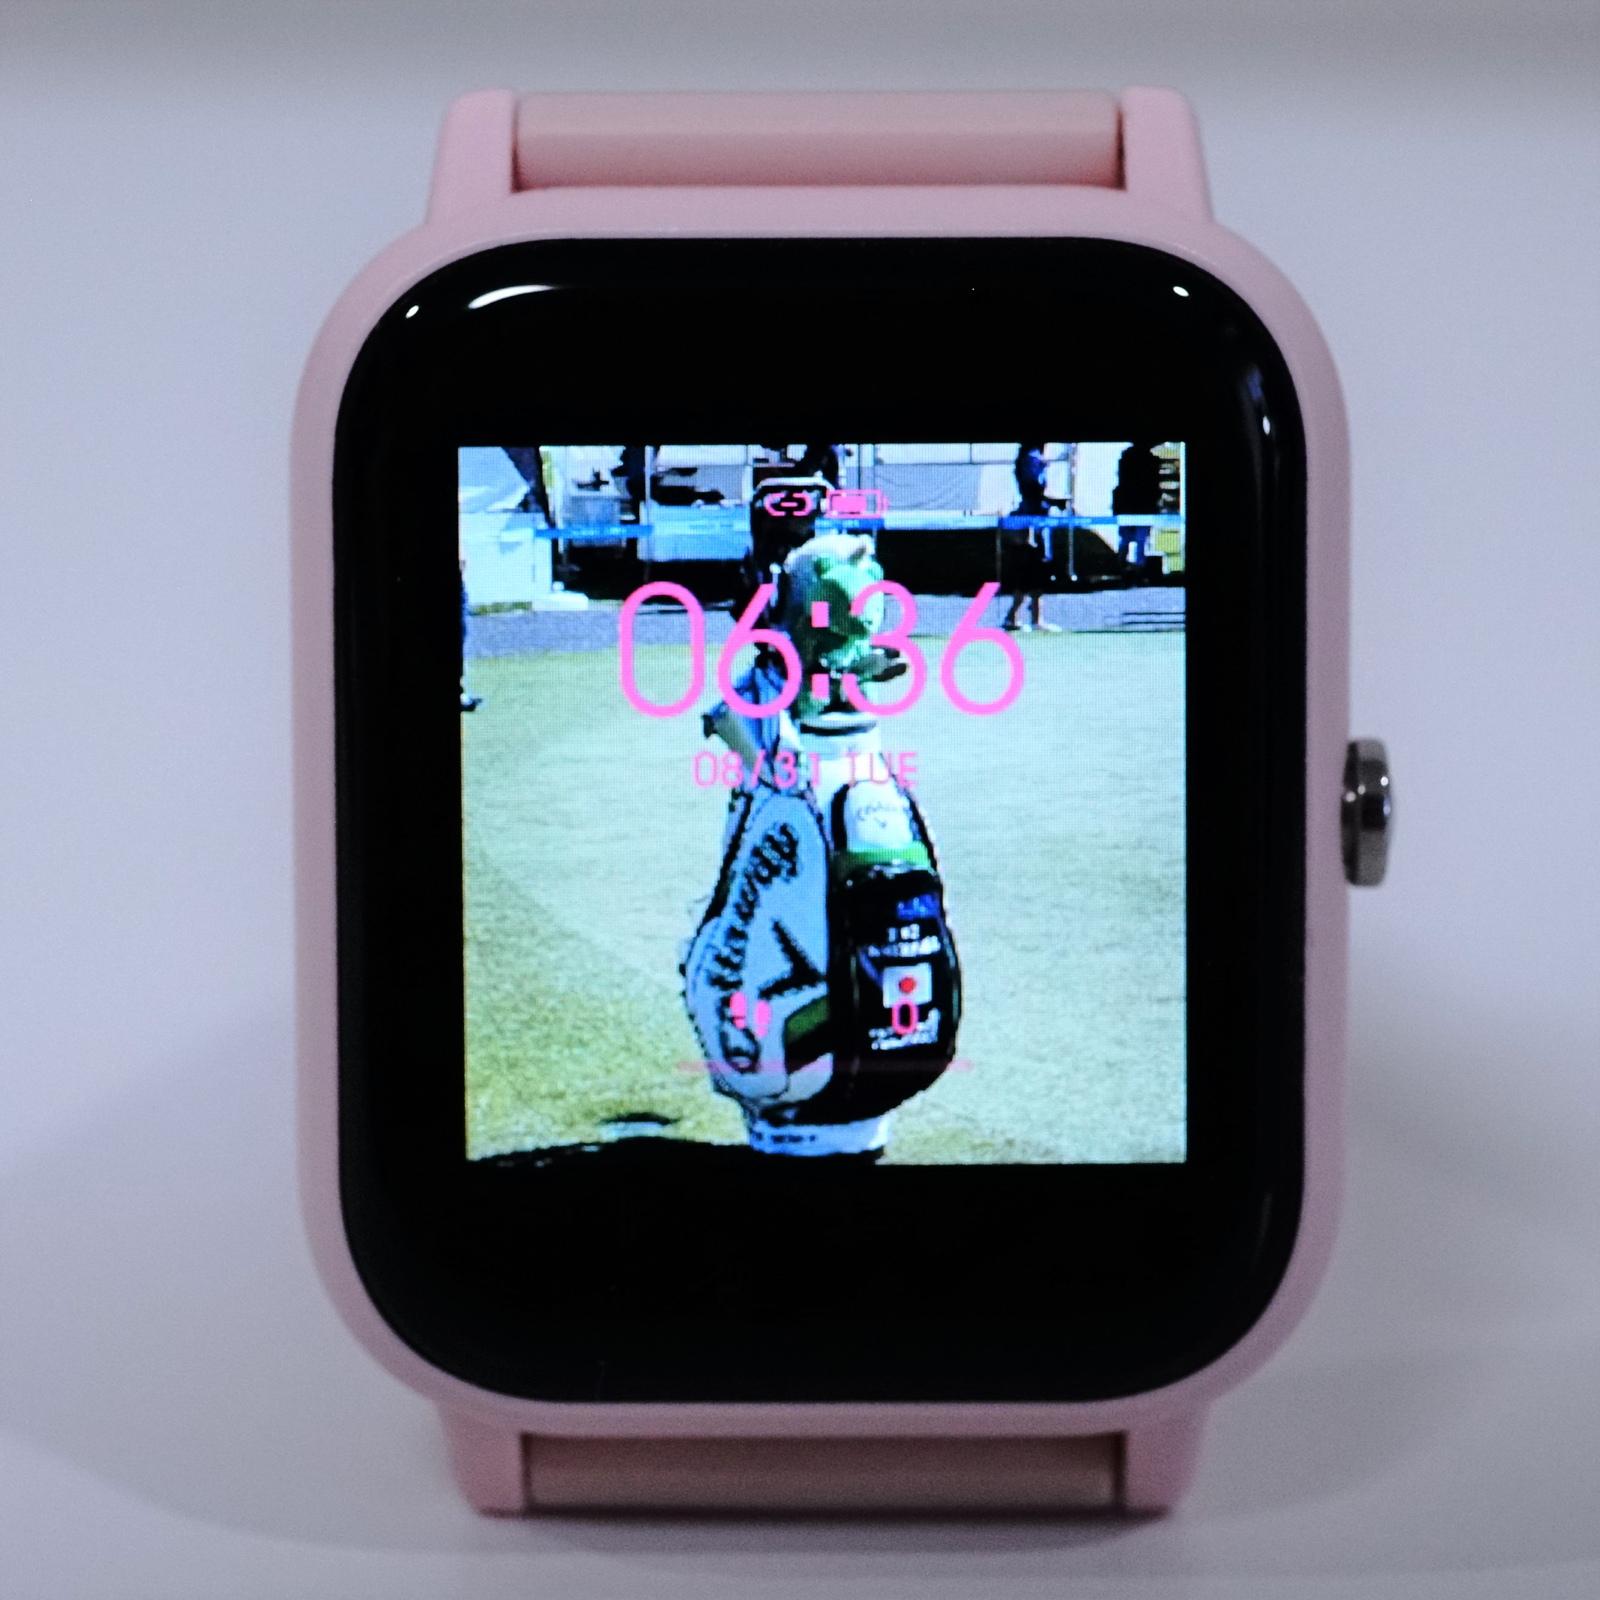 Blackview R3レビュー お気に入りの写真を時計のフェイスに設定可能